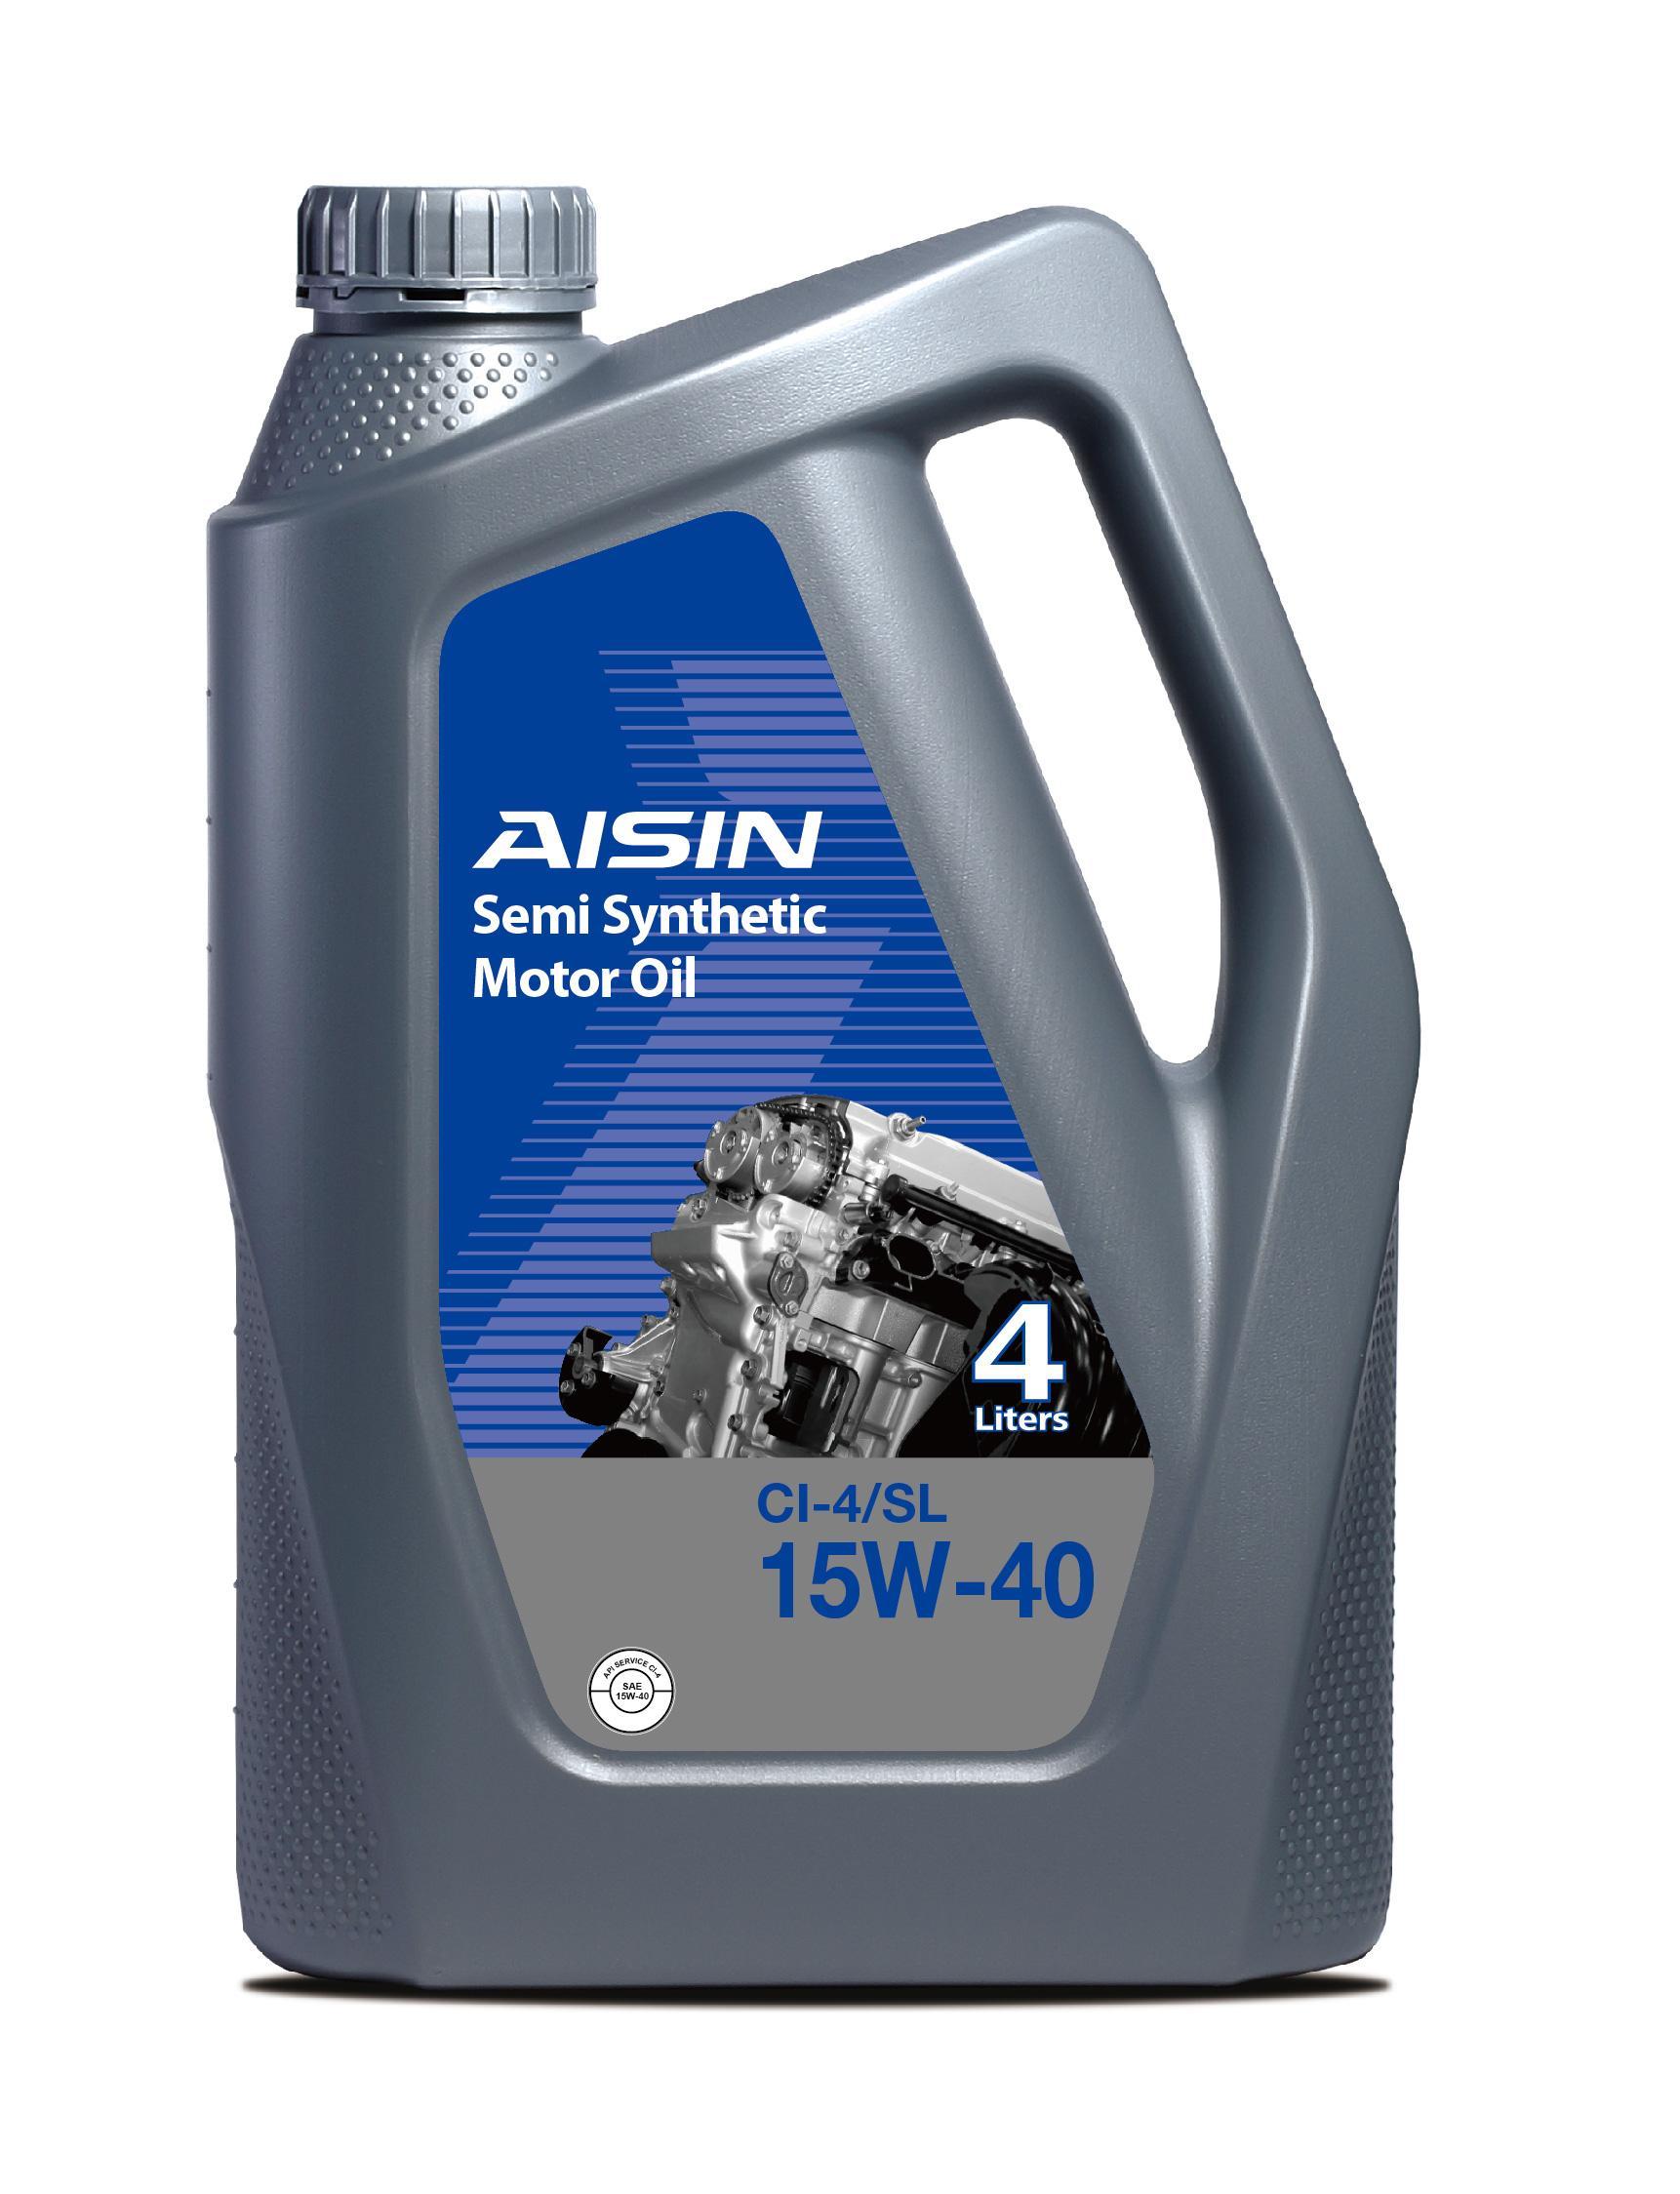 AISIN Semi-Synthetic Engine Oil 15W-40 CI-4/SL 4Litre